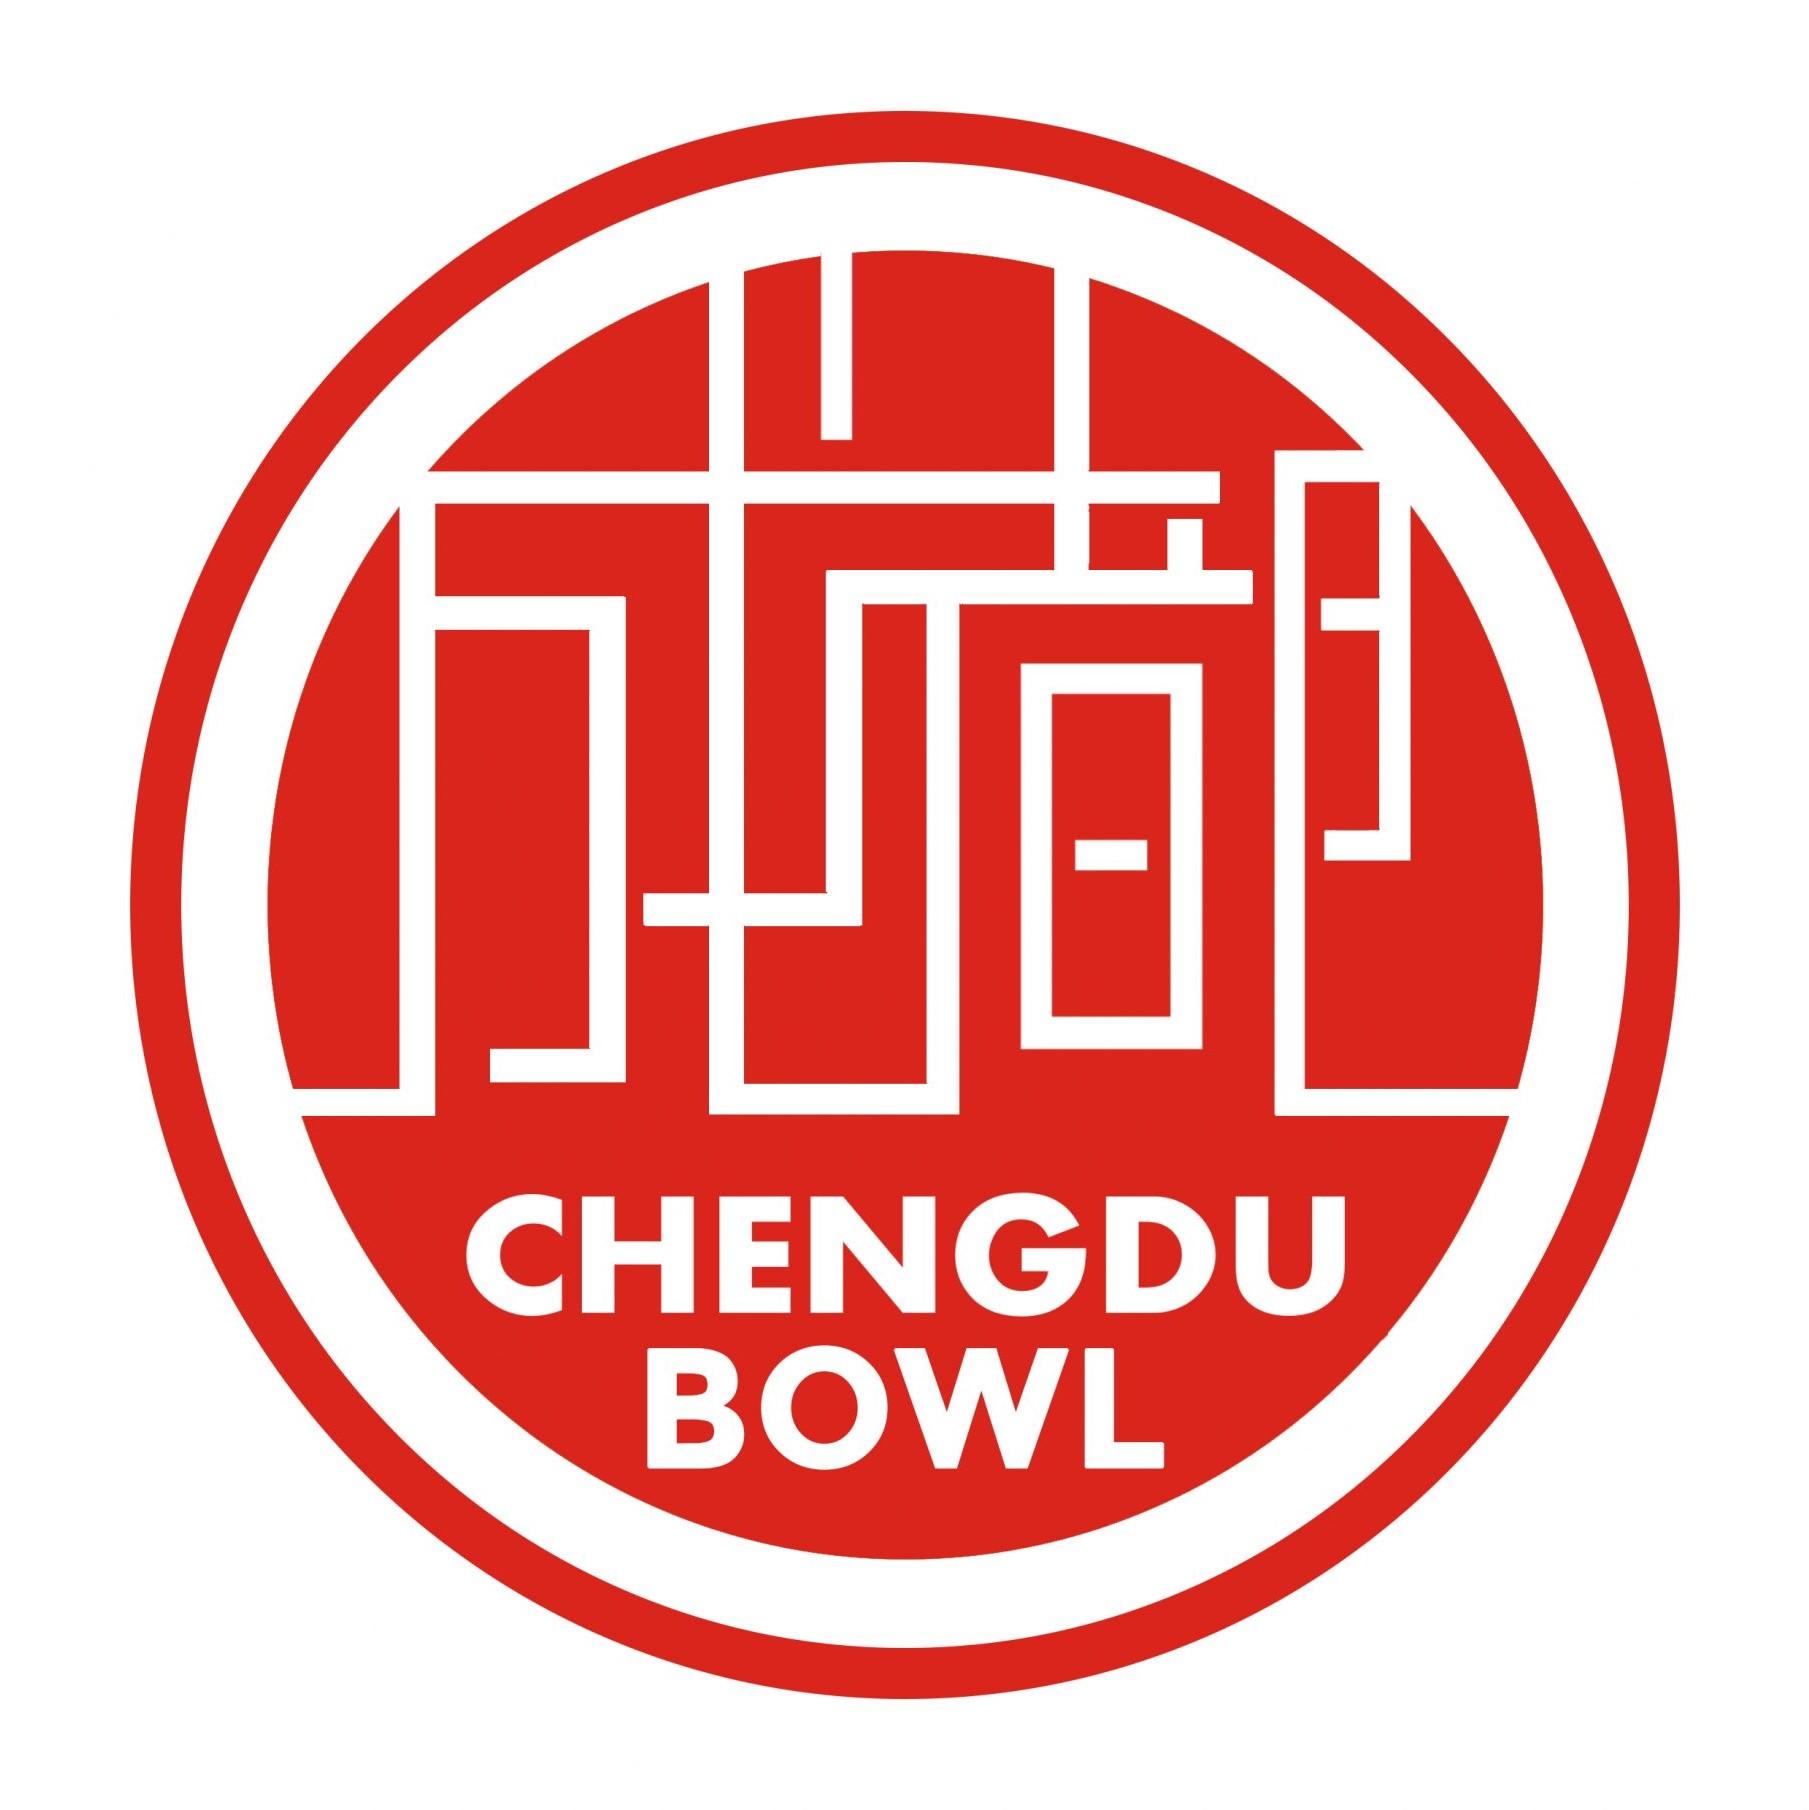 1 x Chengdu Bowl [Exclusive Deal]